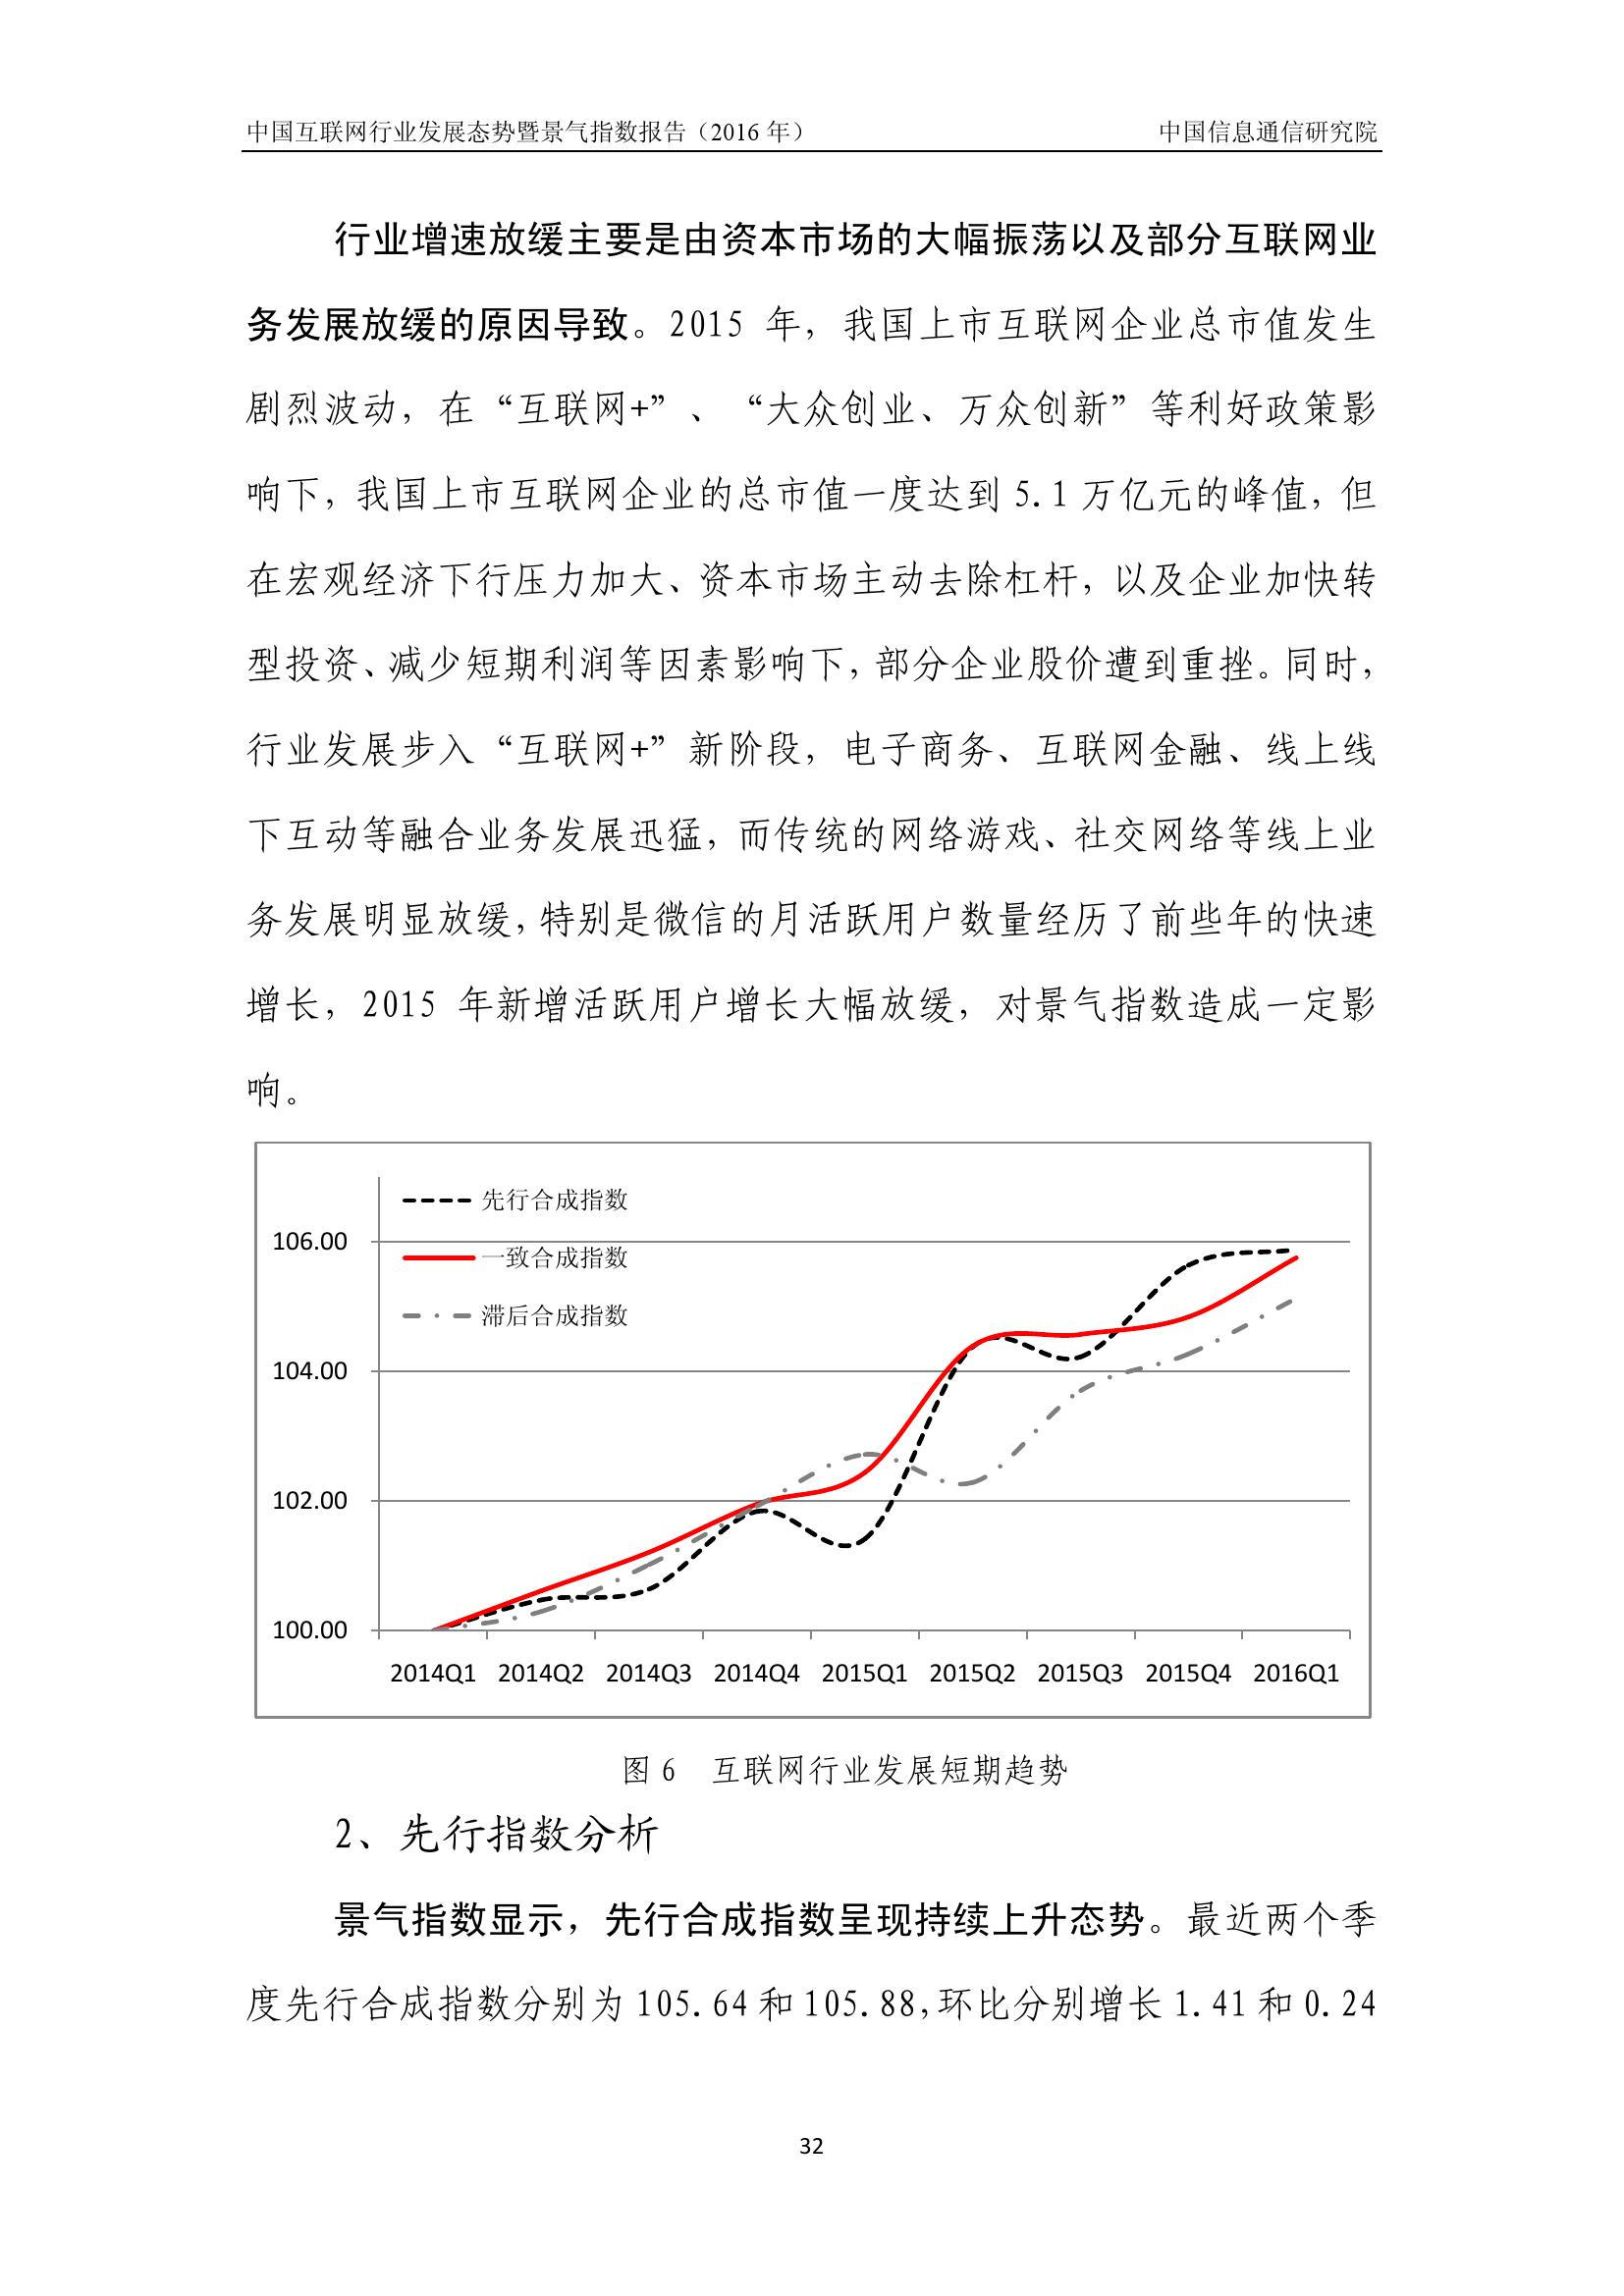 2016年中国互联网行业发展态势暨景气指数报告_000036